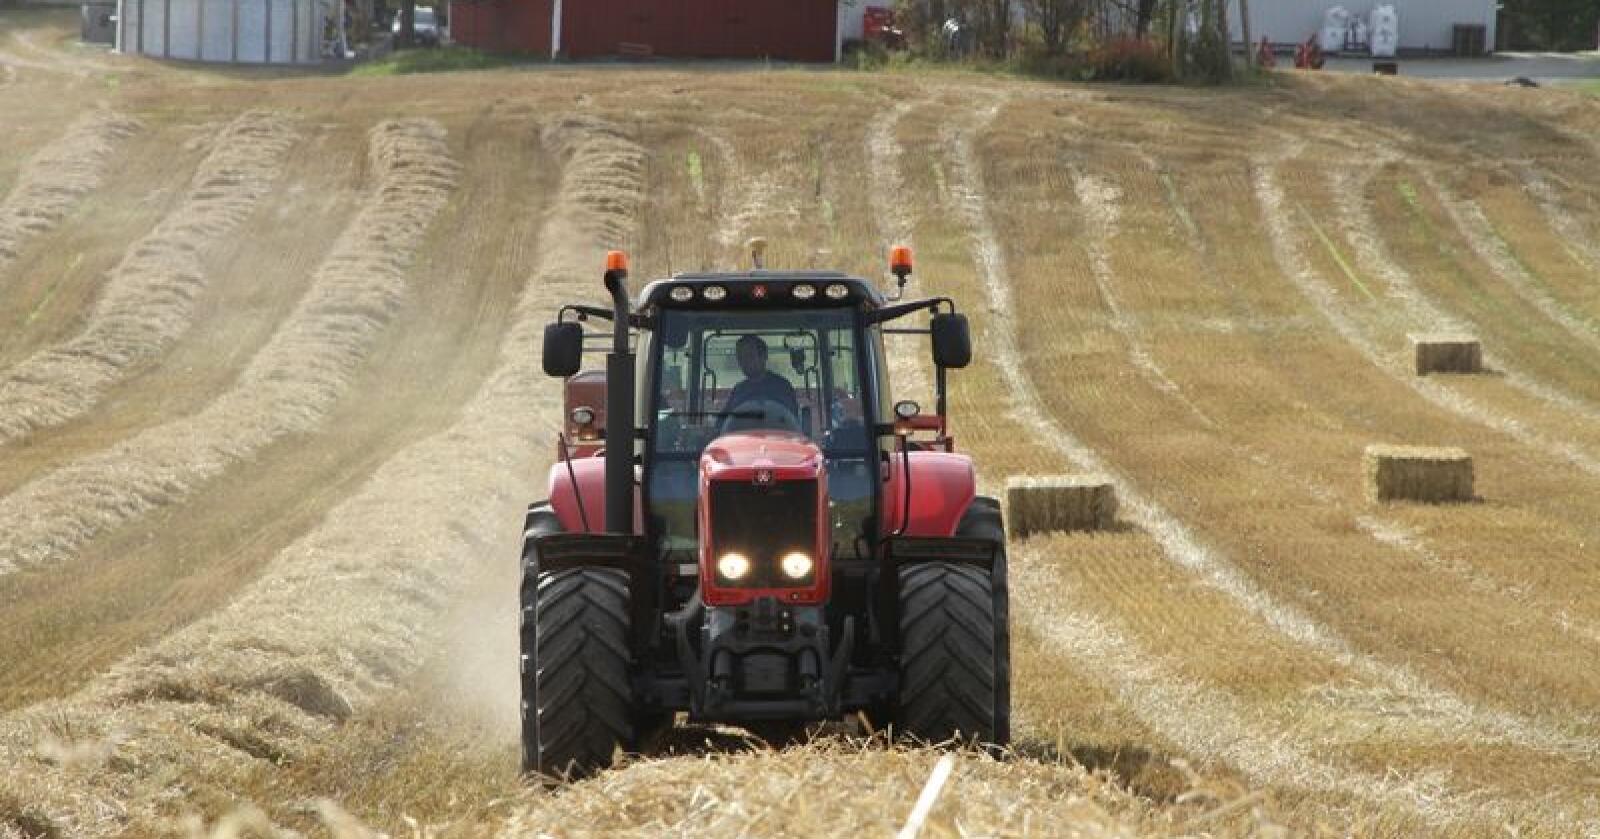 Rapporten viser at vi har et landbruk som ønsker å satse og som har tro på framtida, mener Bente Odlo, landbruksdirektør i Oppland og Haavard Elstrand, landbruksdirektør i Hedmark. Bildet er fra Ringsaker. (Arkivfoto)